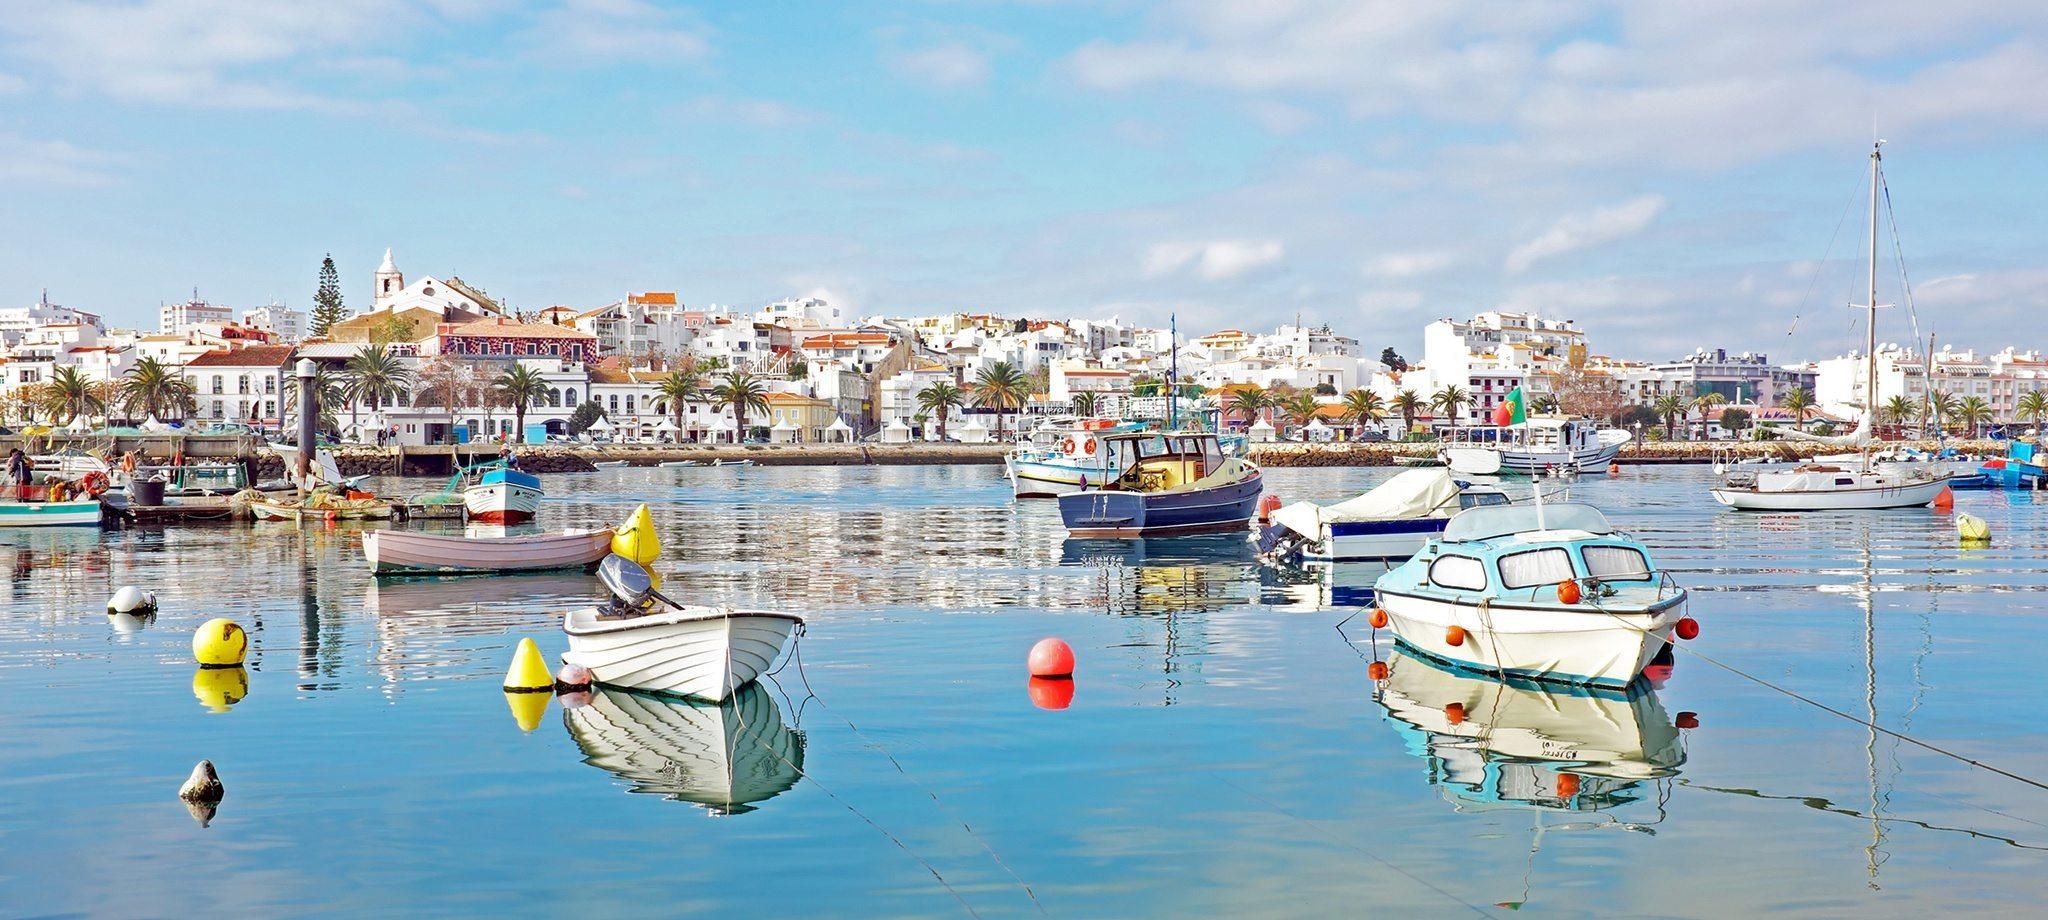 Circuito Algarve : Circuito cultural algarve sul de portugal vmp viagens